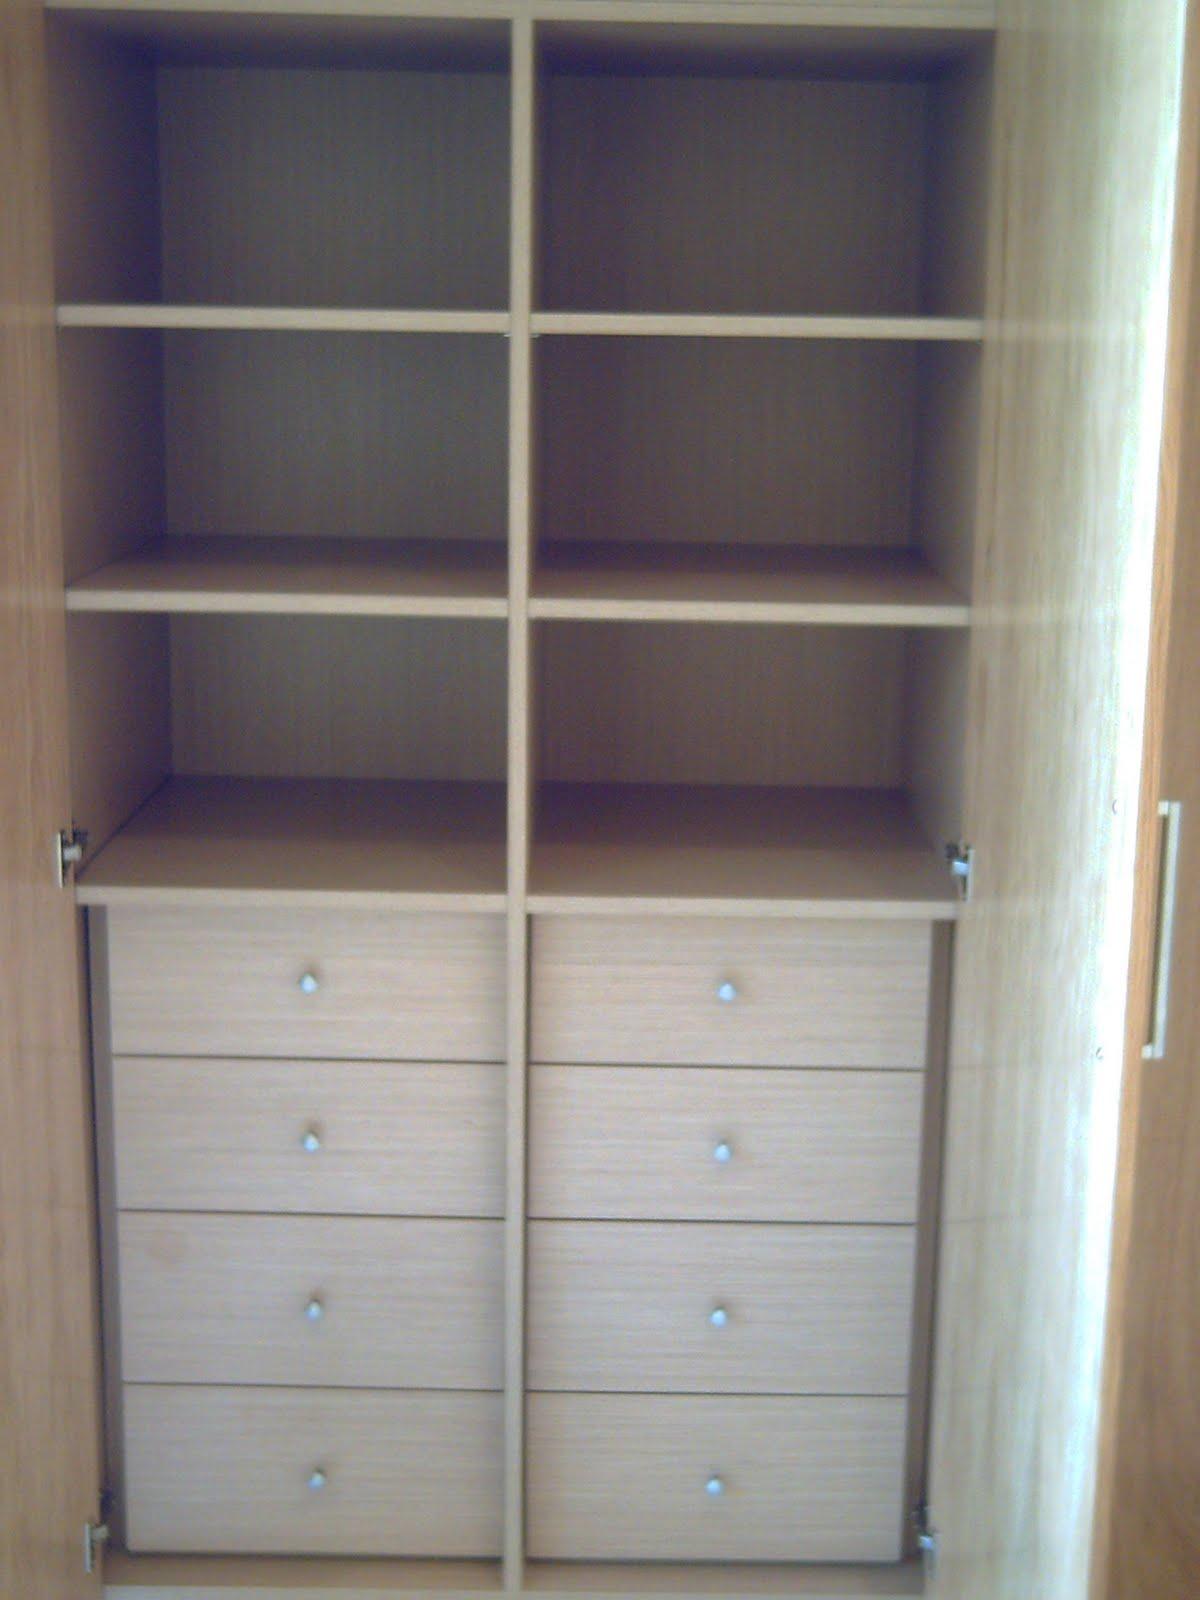 Ca uelo e hijos carpinteria s c p muebles y armarios - Distribuciones de armarios ...